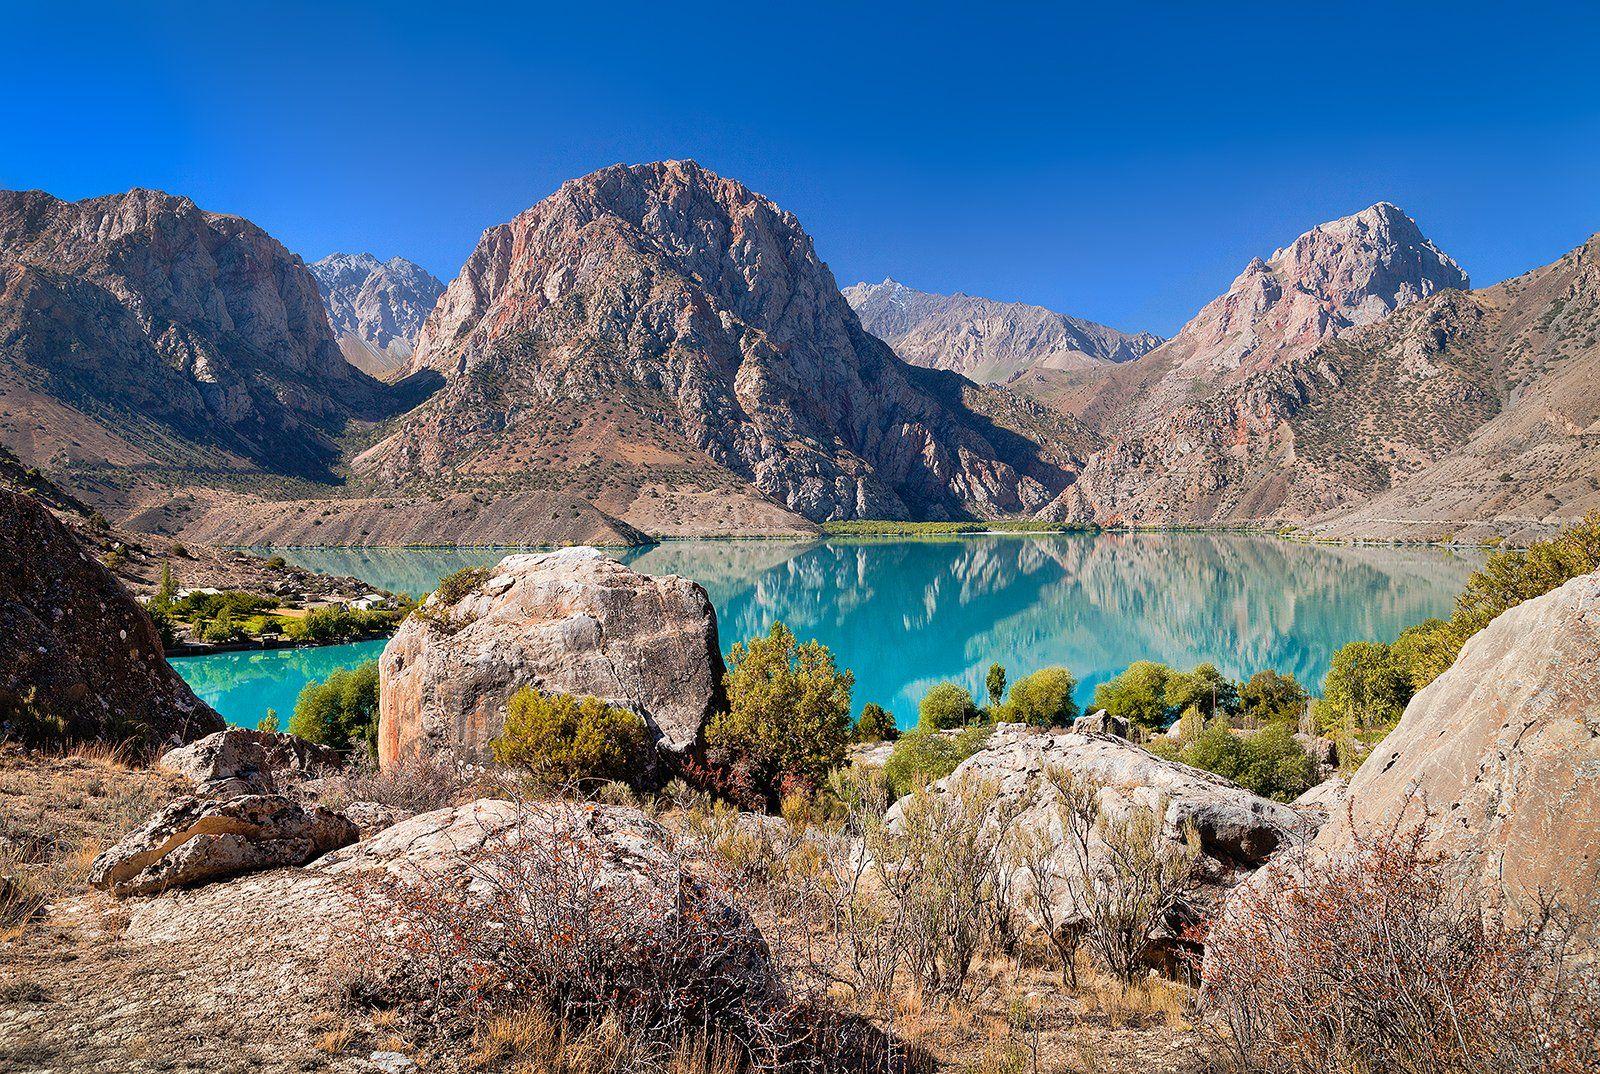 Таджикистан, Средняя Азия, Фанские горы, Искандер, Александр Великий, горы, озеро, бирюзовый, путешествия, Бирюков Юрий